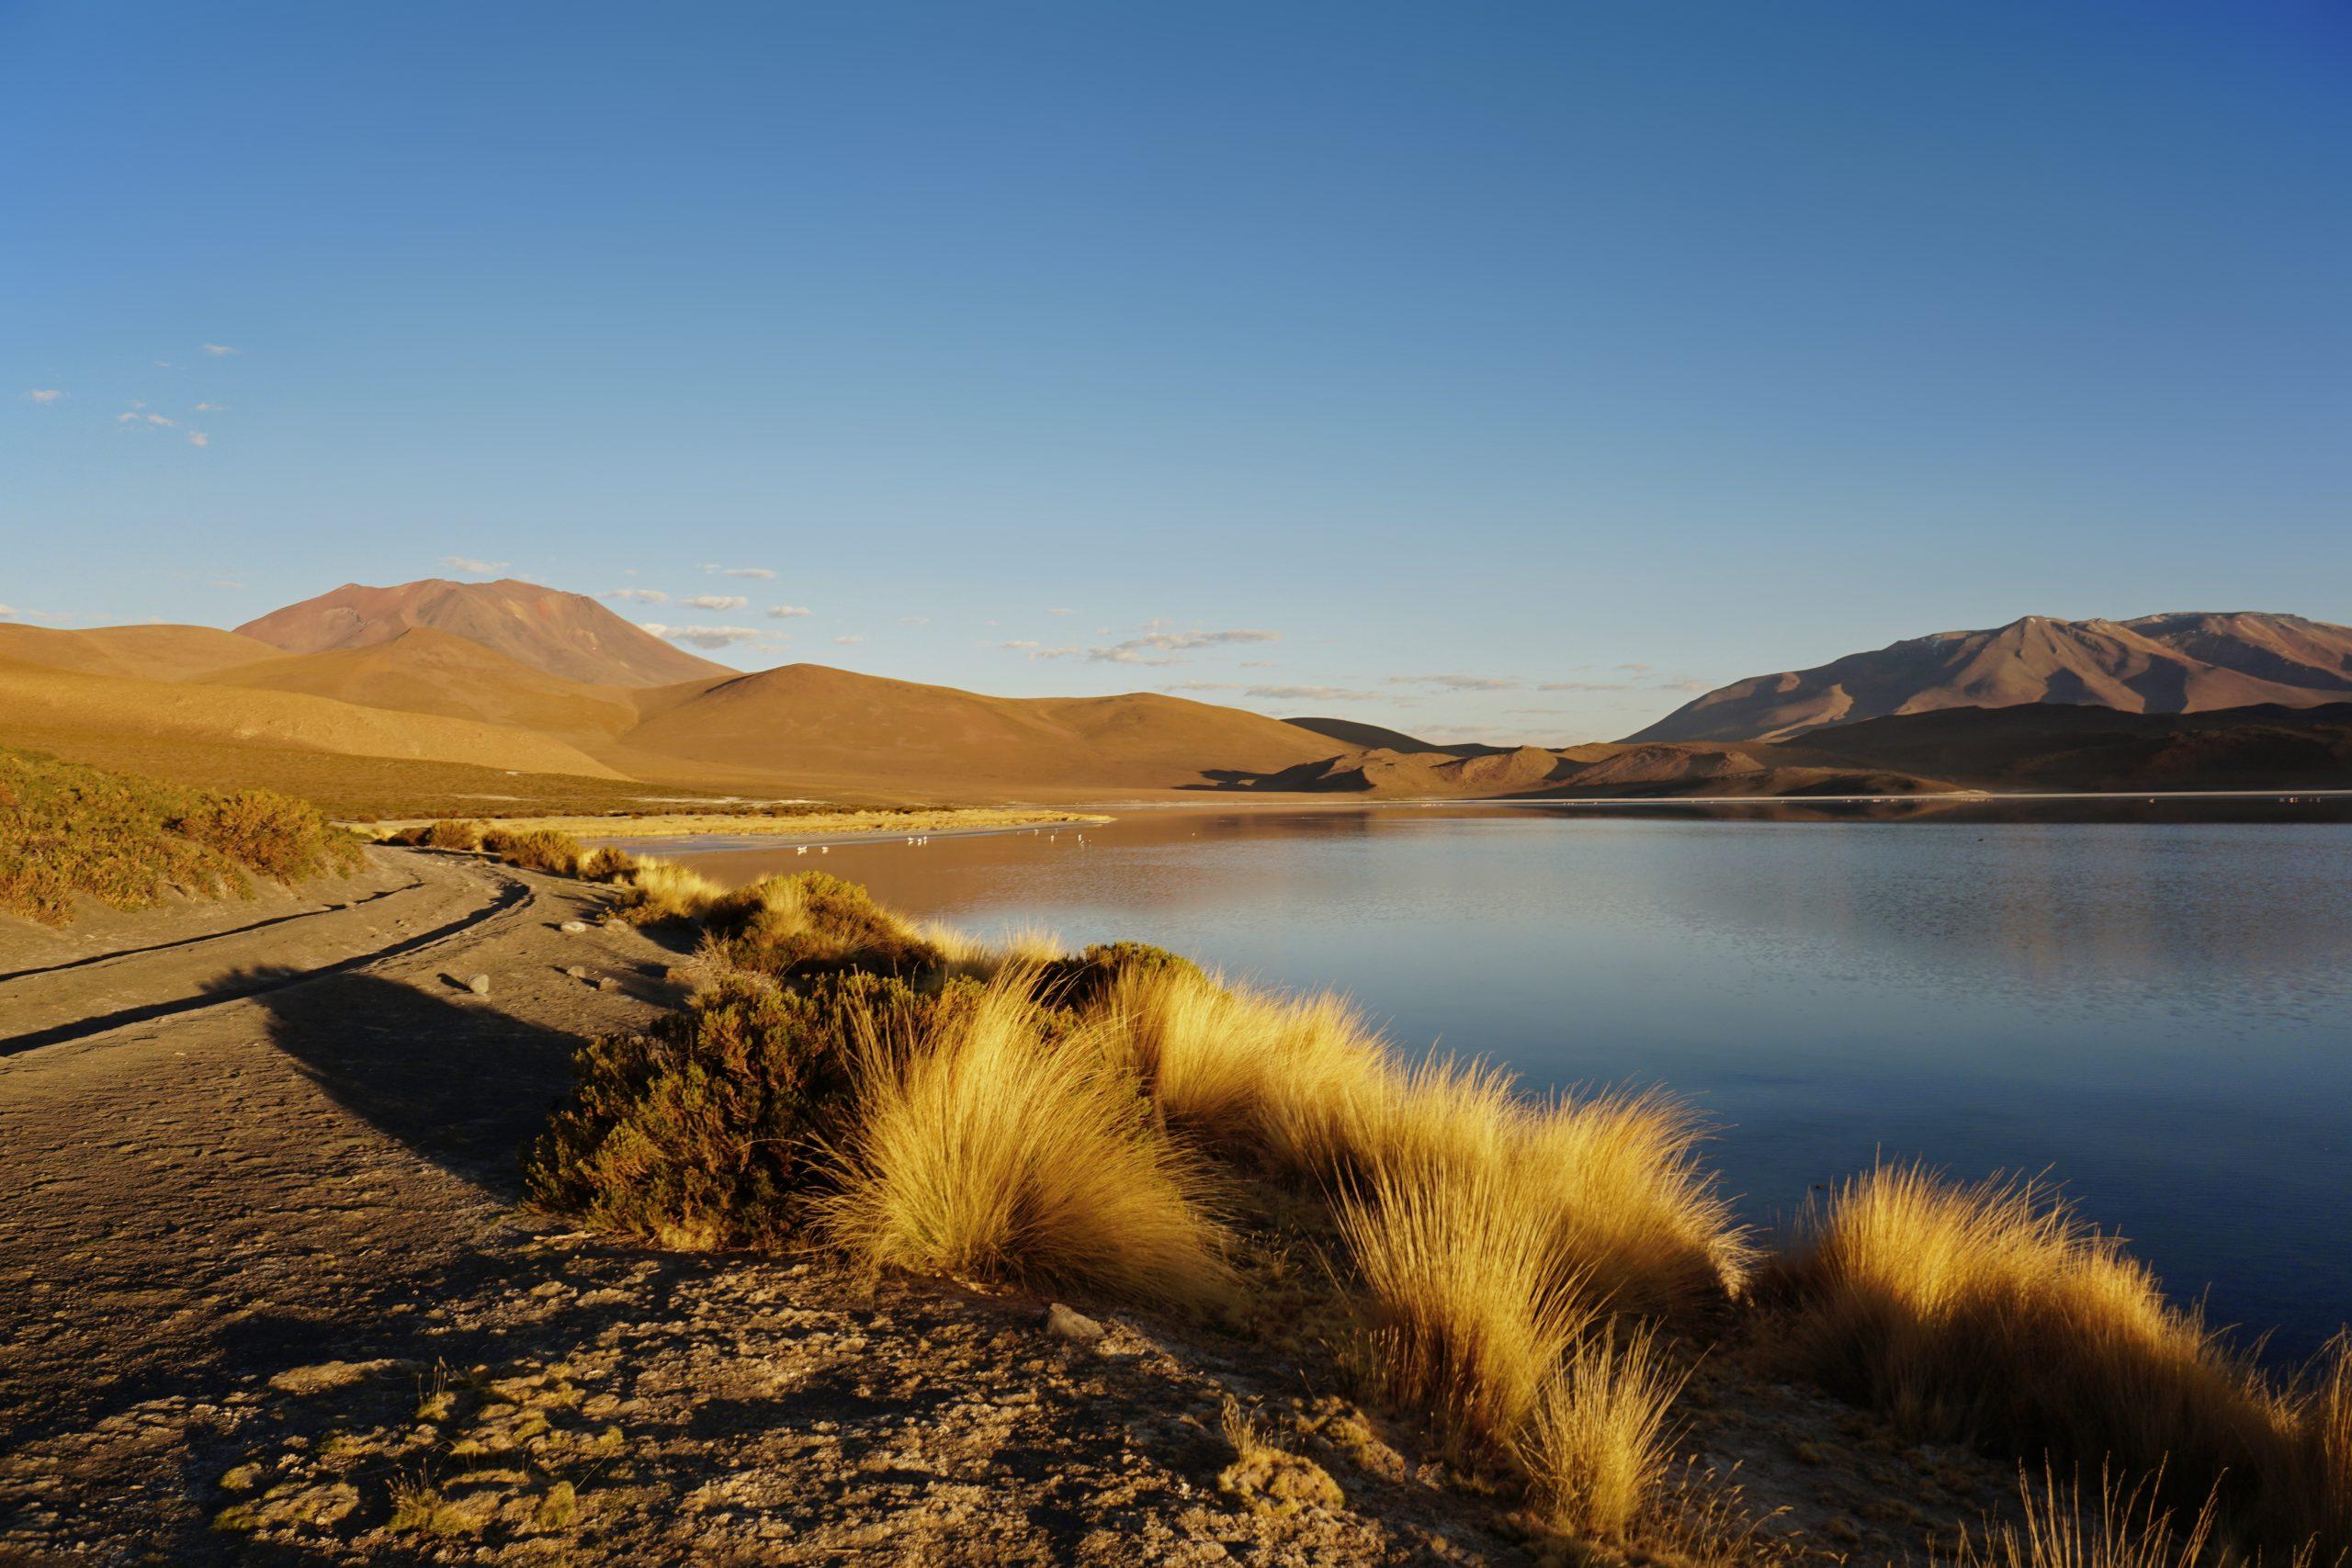 Radreise Südamerika 2019 - Sonnenaufgang an der Laguna Ramaditas